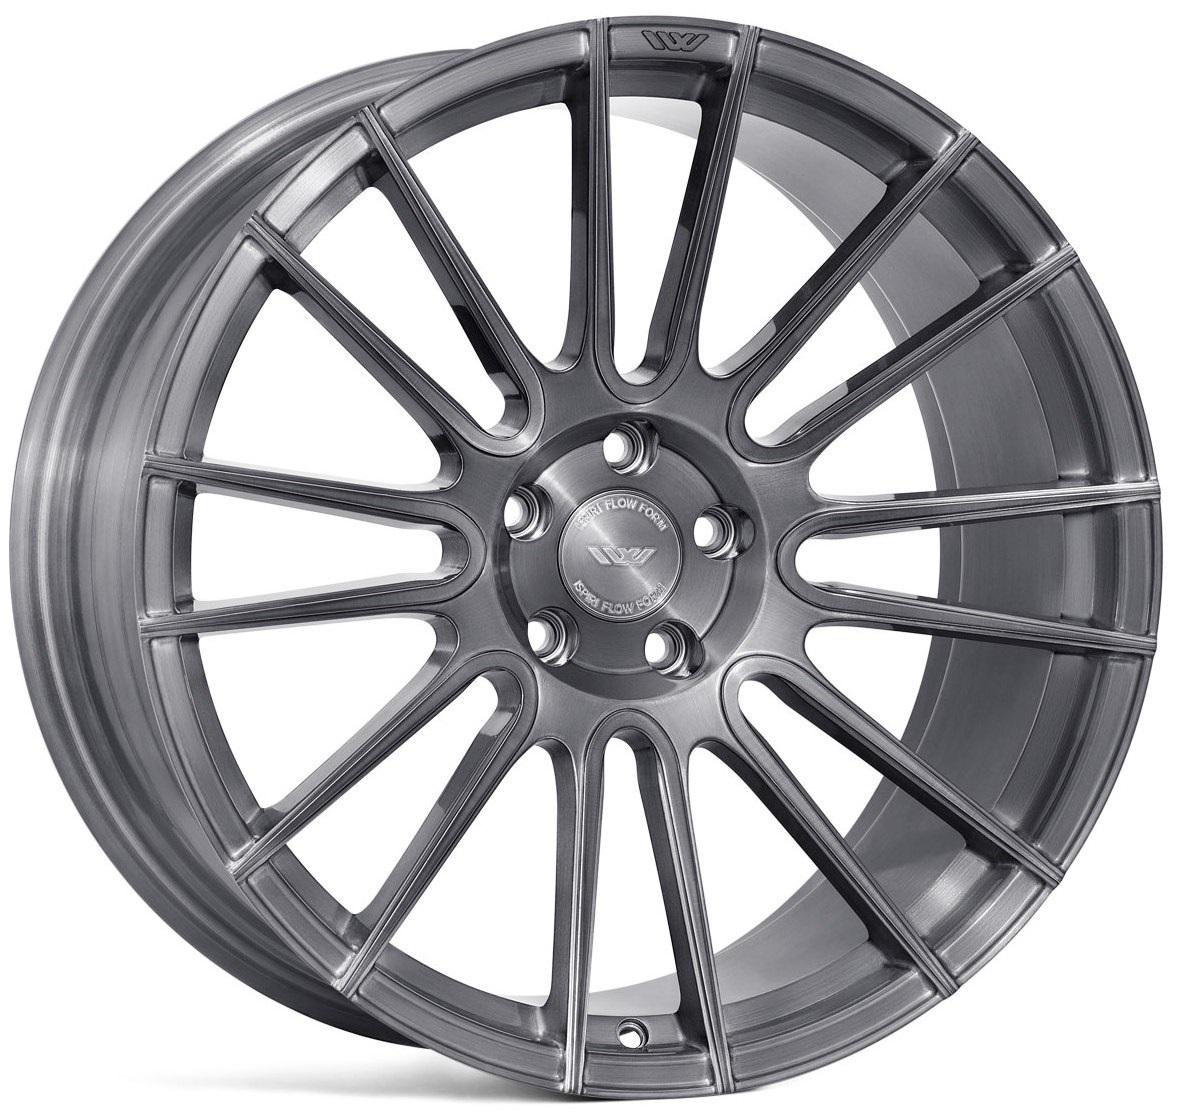 IW Automotive - FFR8 (Full Brushed Carbon Titanium)